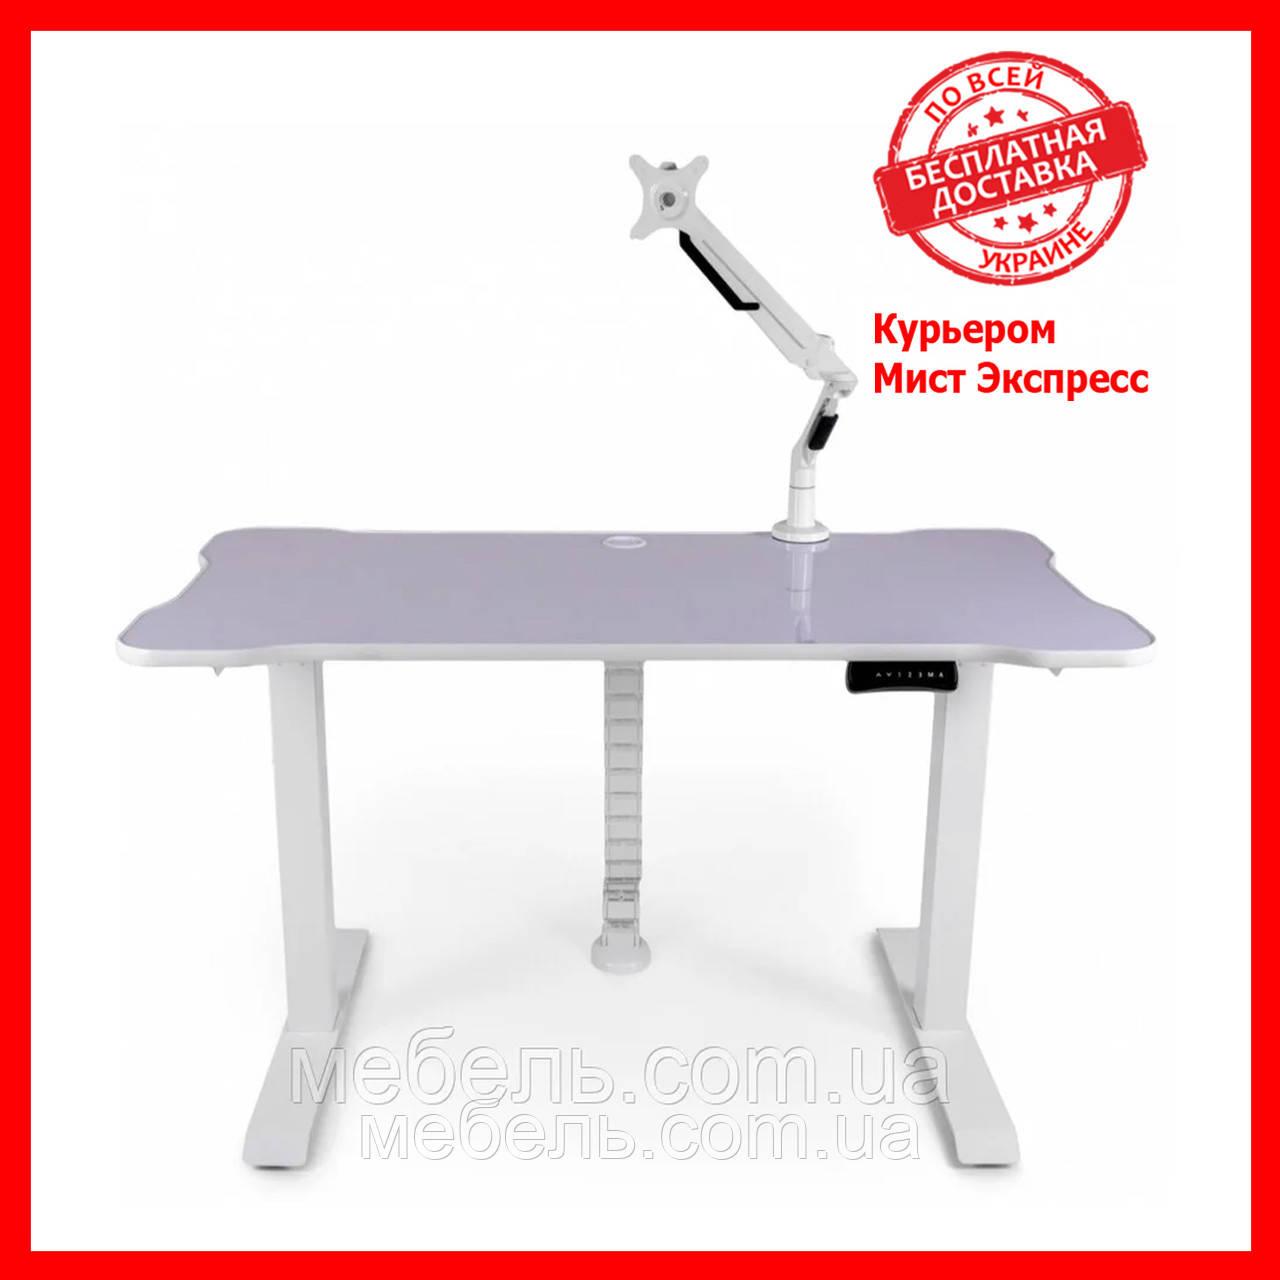 Компьютерный стол с кабель-менеджментом, кронштейном и подъёмным мех.Barsky BSUAW_el-01/BCM-02/BF-02